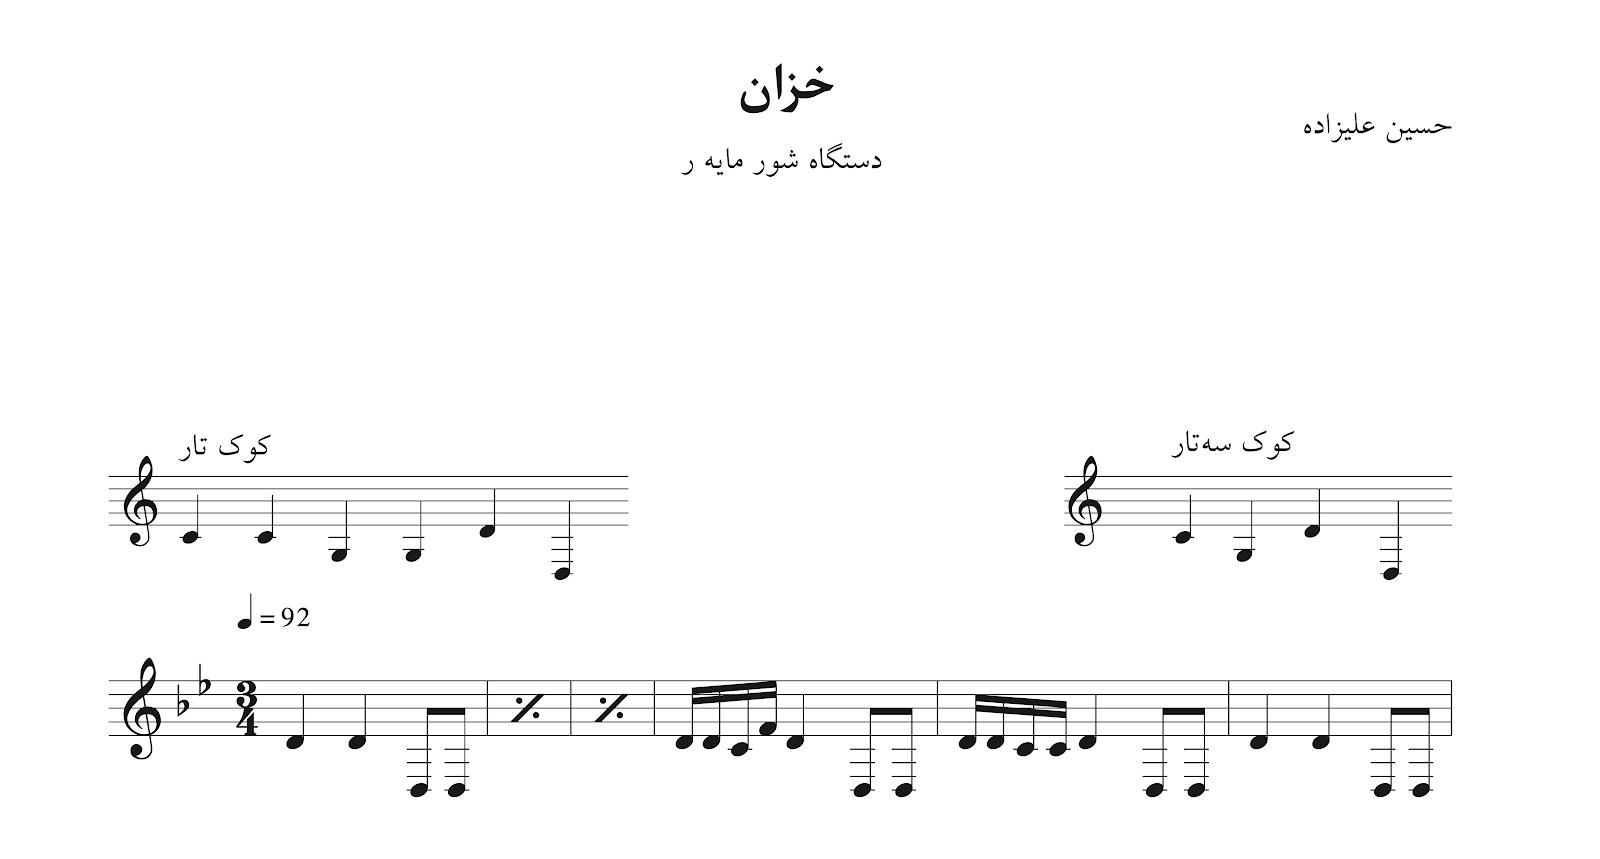 نت و آهنگ خزان (دستگاه شور مایهی ر) حسین علیزاده با حاشیهنویسی نیما فریدونی